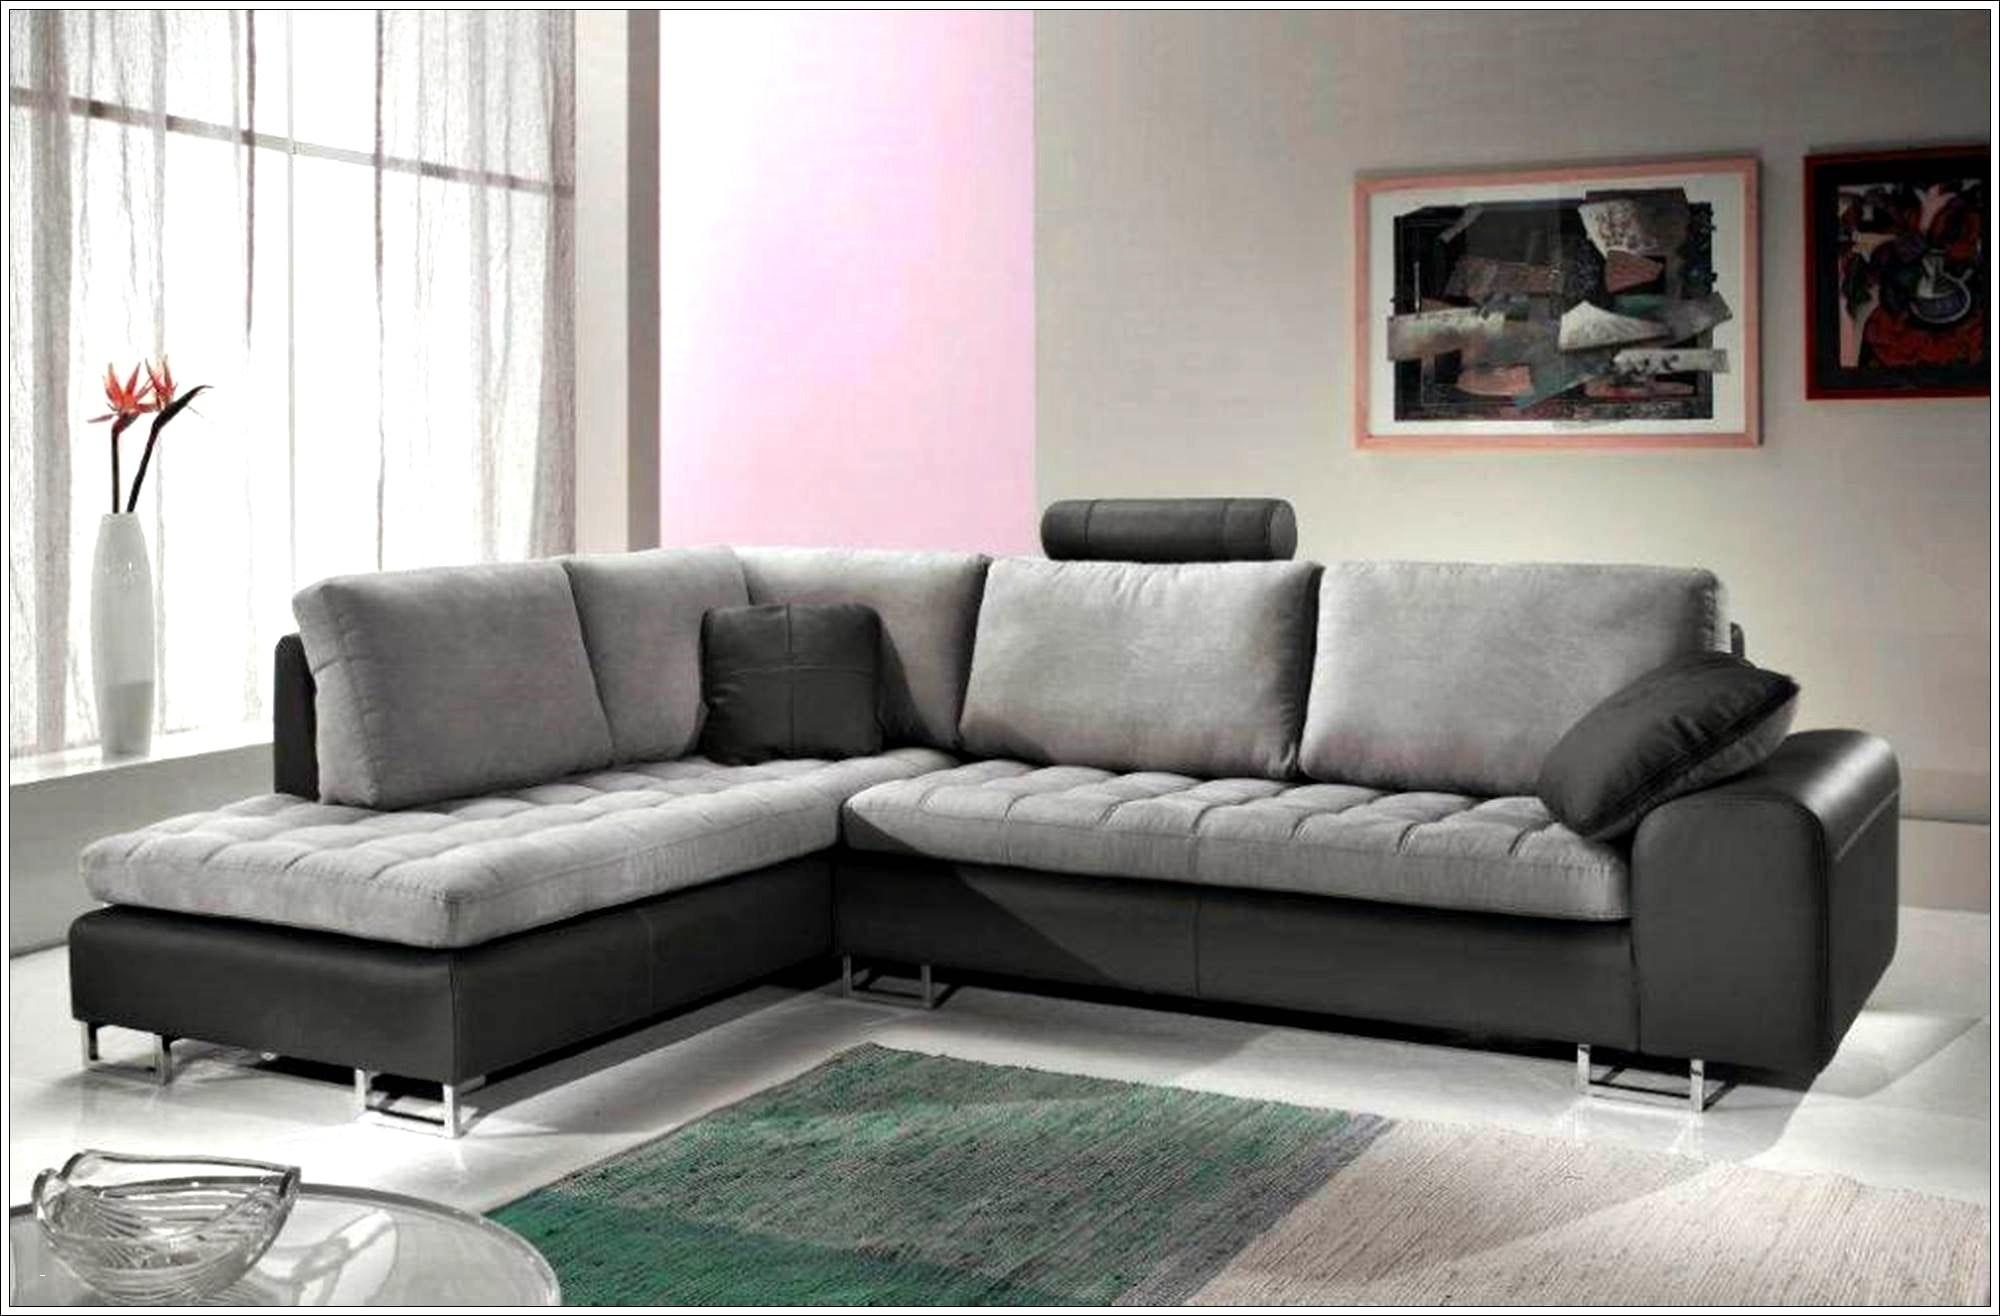 Canapé Gris Anthracite Deco Beau Collection 27 Incroyable Canapé Design Convertible Design De Maison